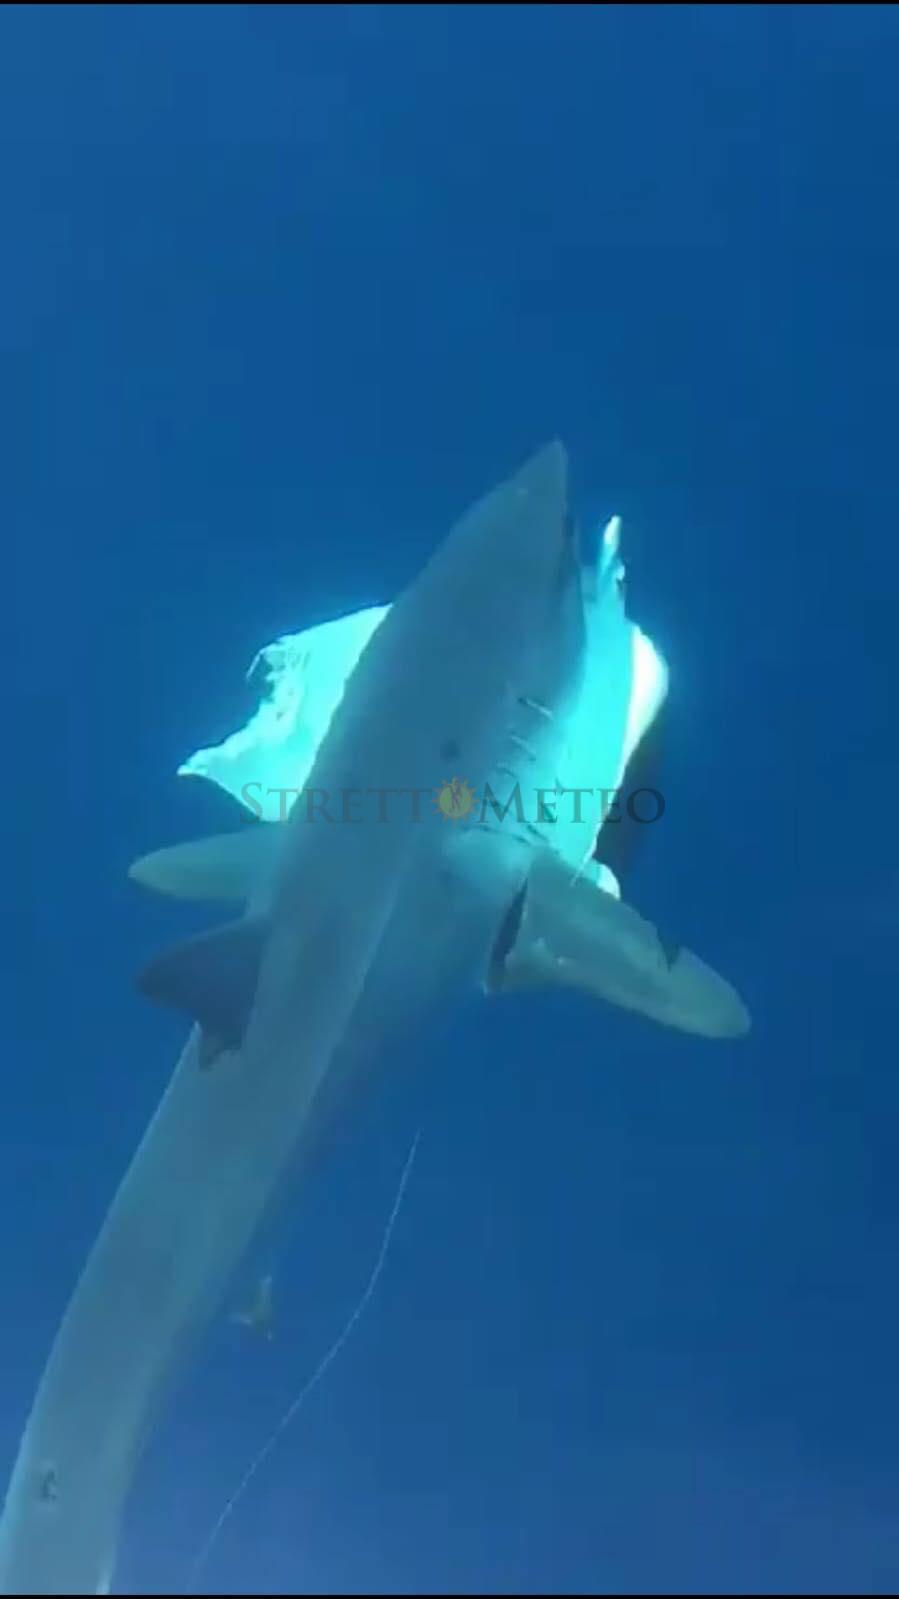 Avvistato grosso Squalo Bianco nelle acque Reggine!